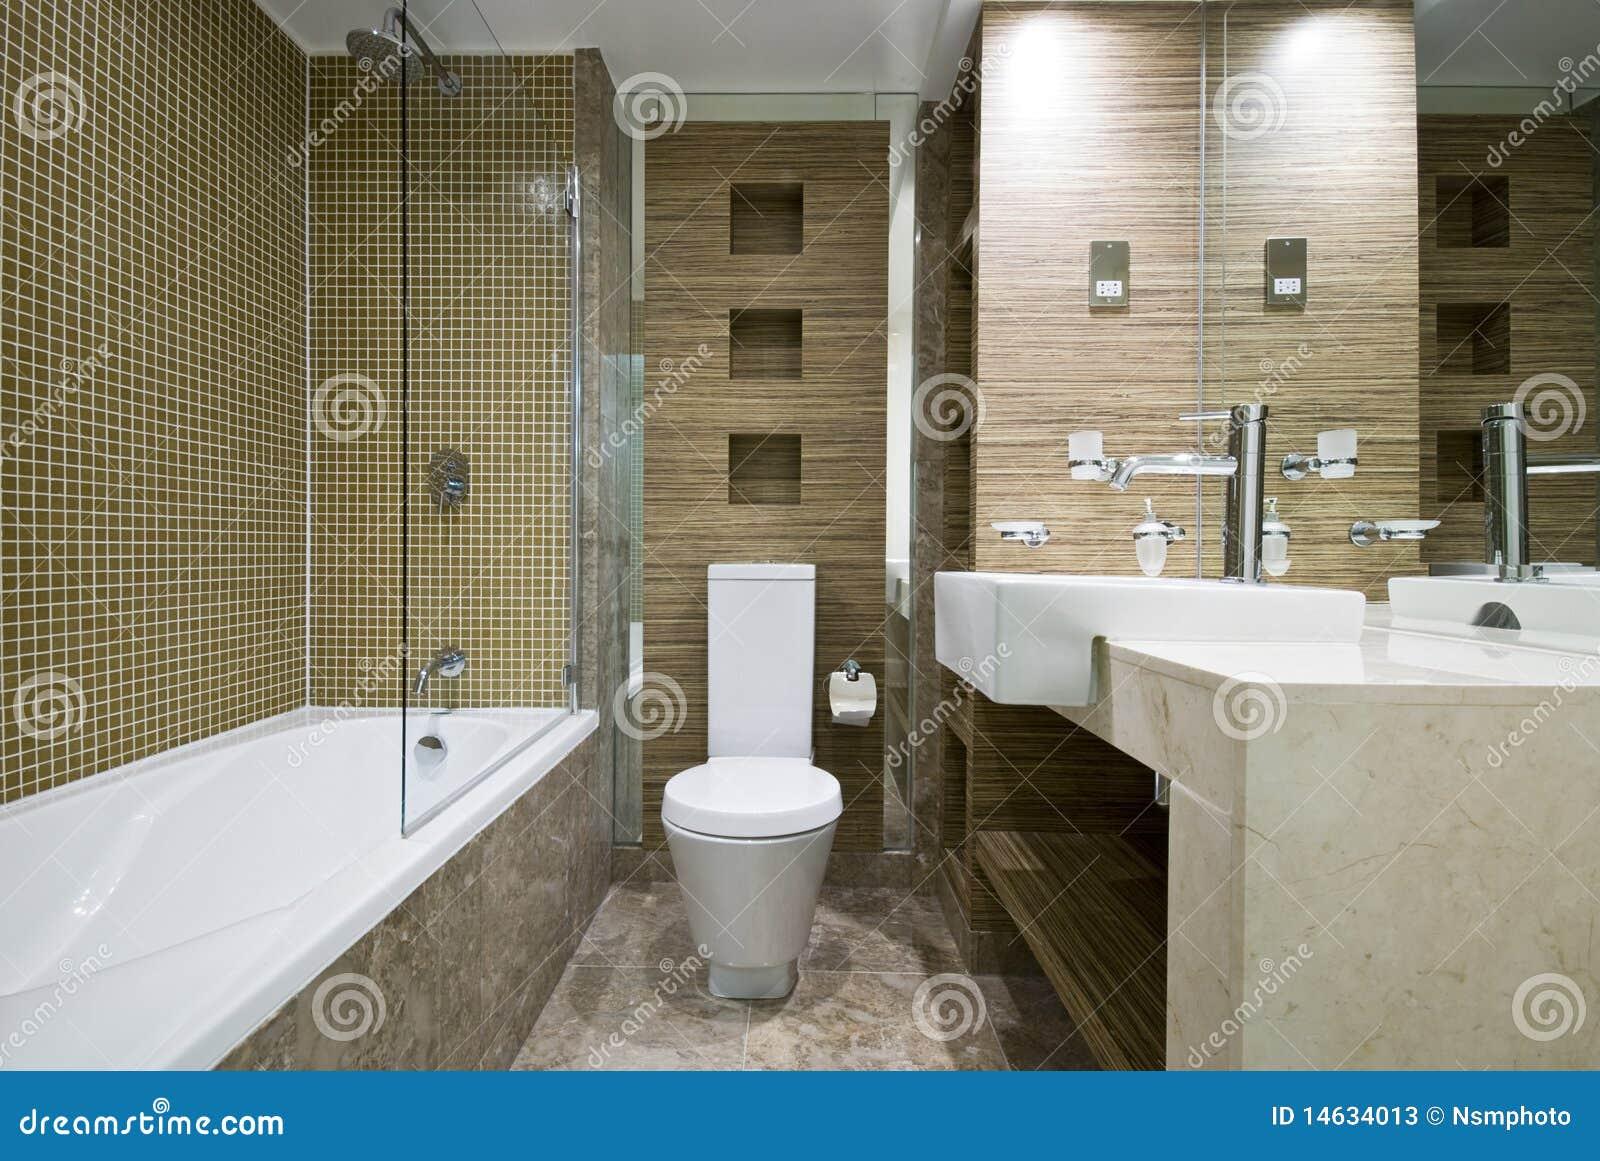 Azulejos Baño Marmol:Modern Mosaic Tile Bathroom Floor